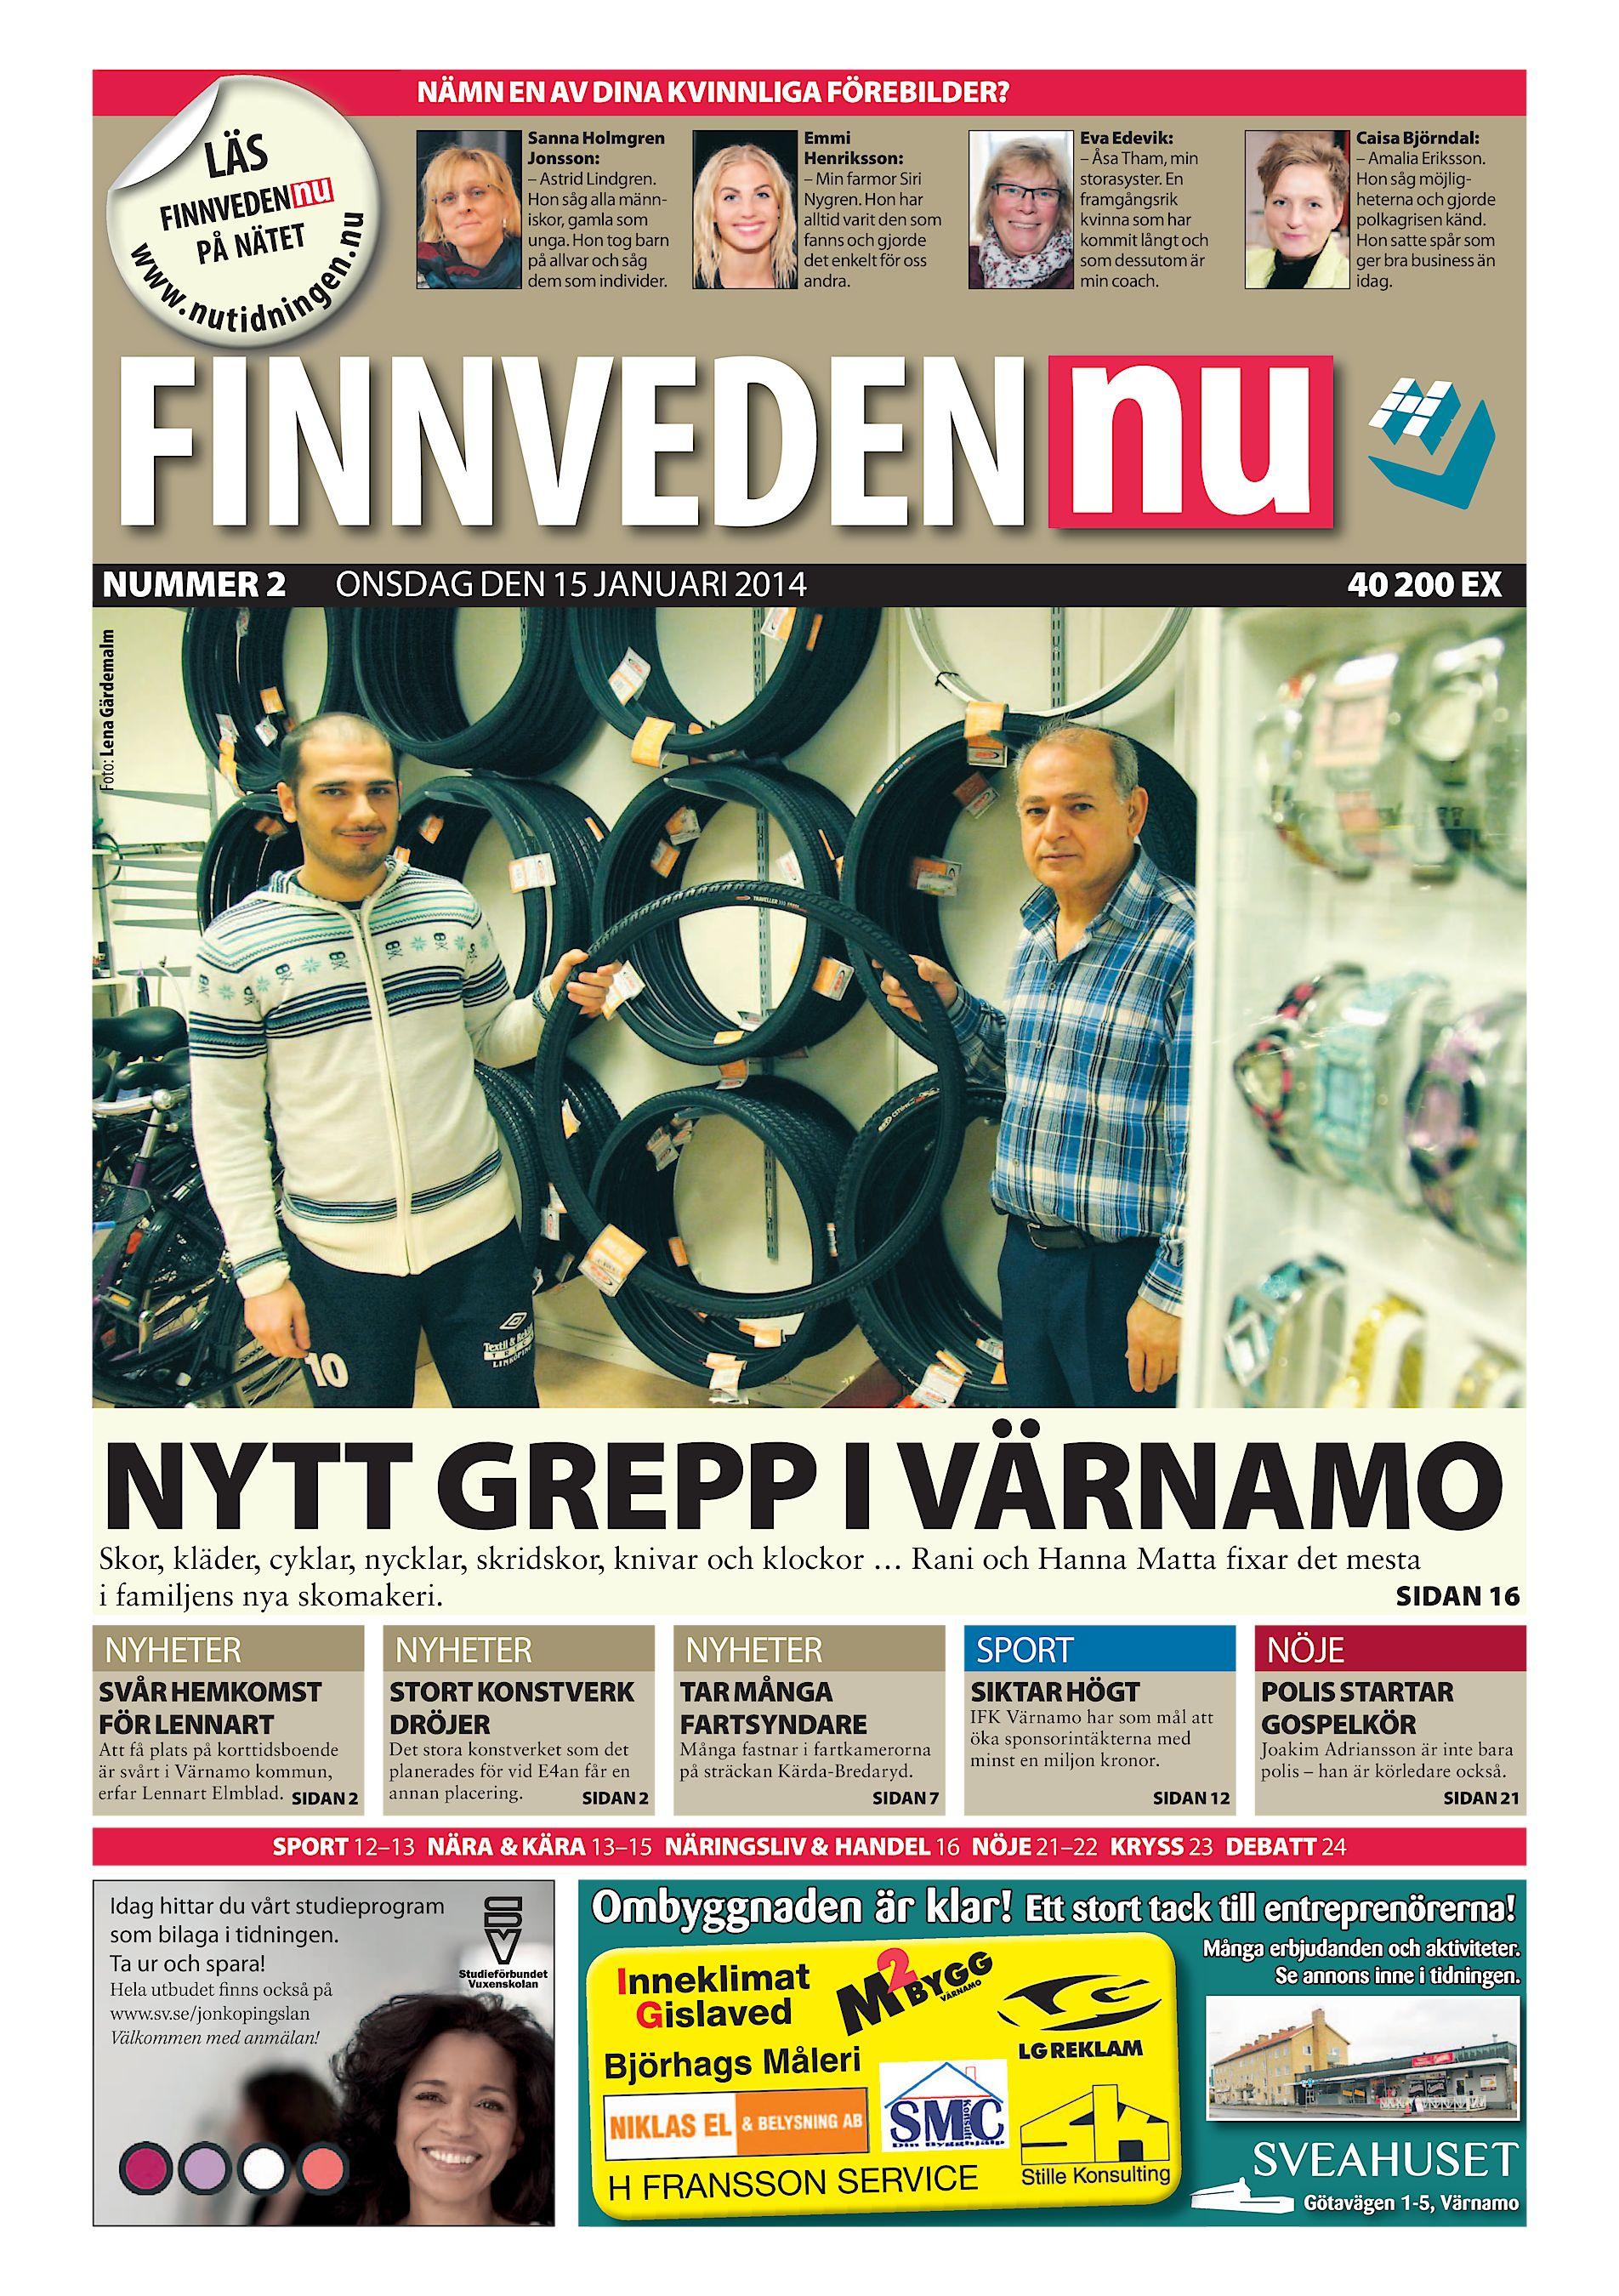 Finnveden.nu FNU 2014 01 15 (endast text)